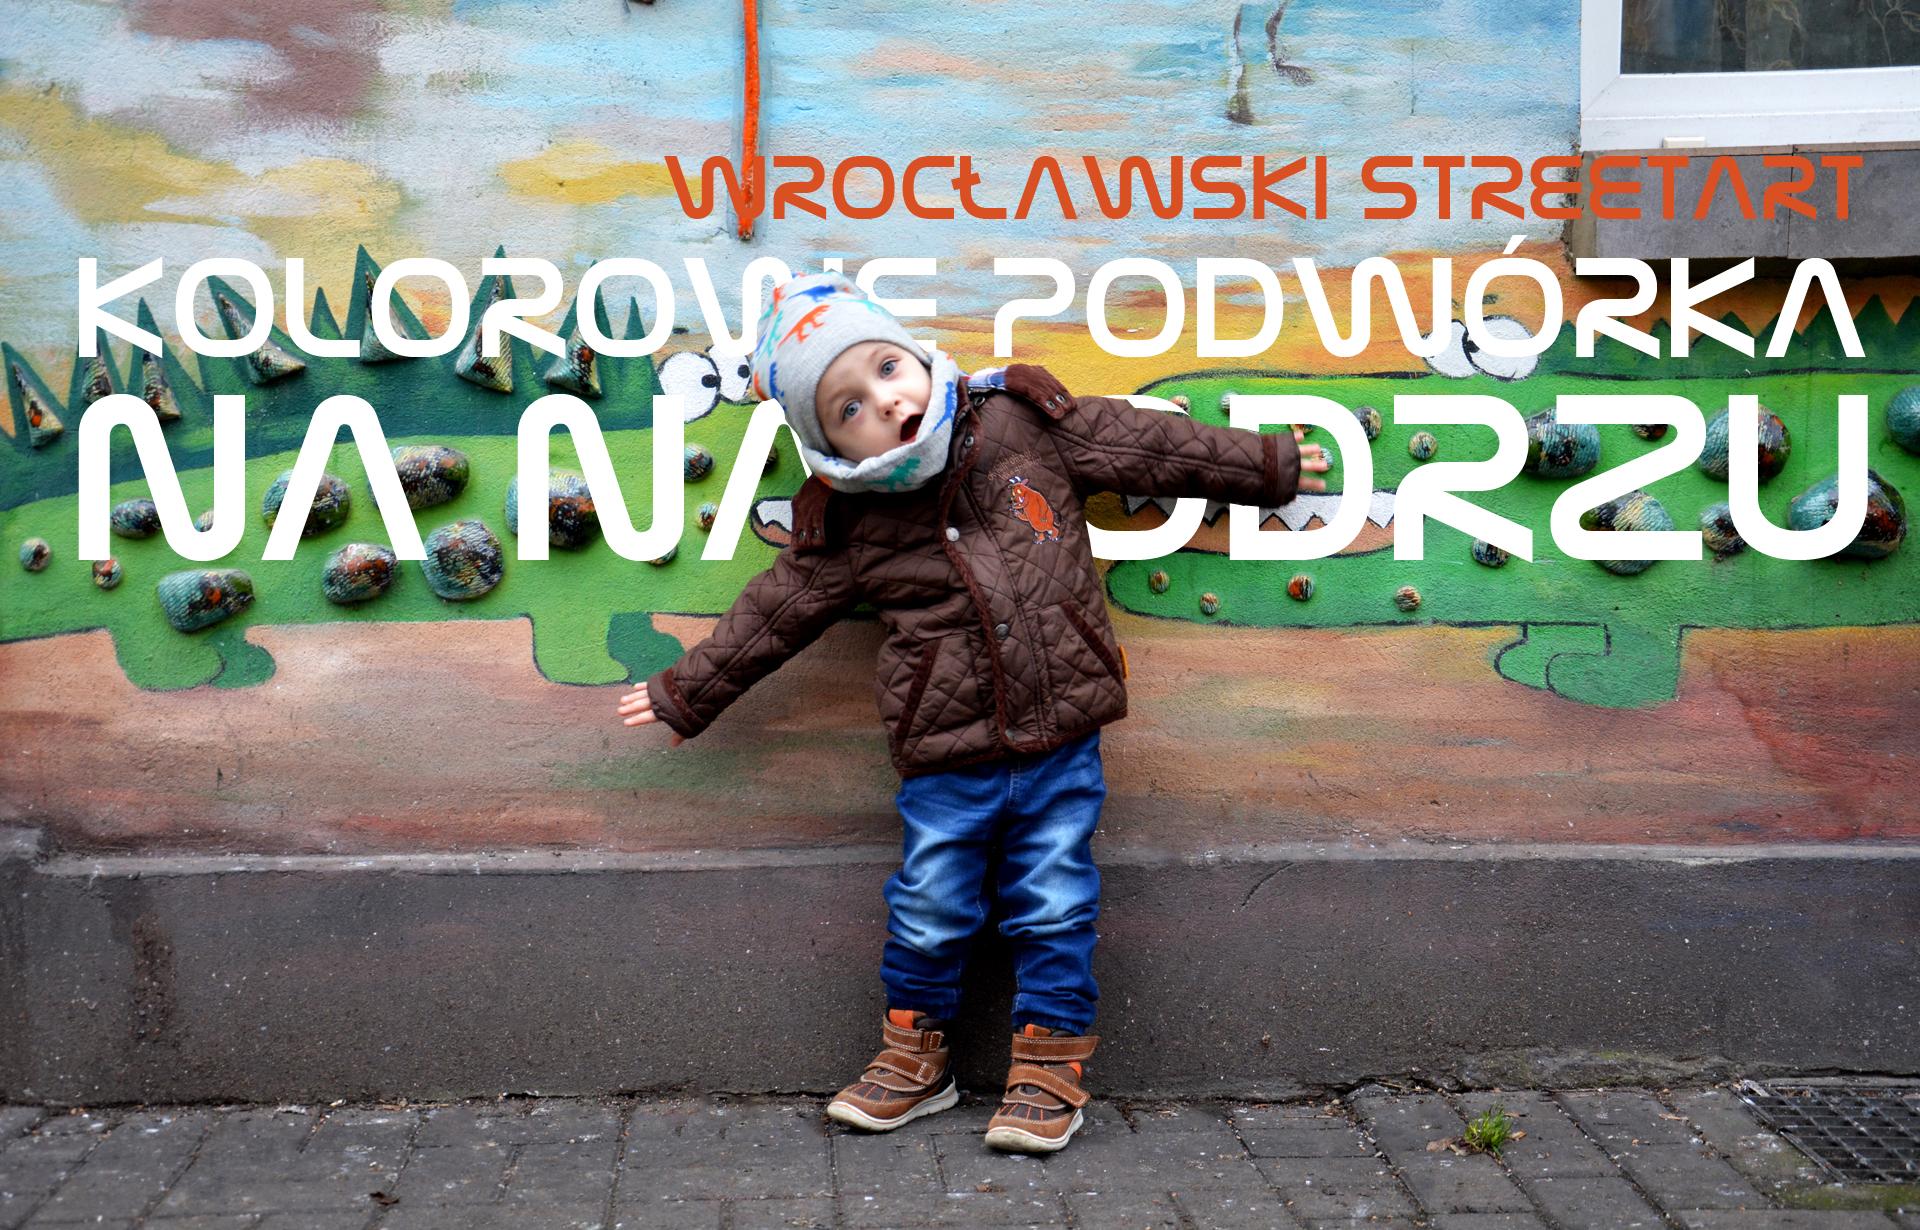 Kolorowe podwórka na Nadodrzu | Wrocławski Streetart